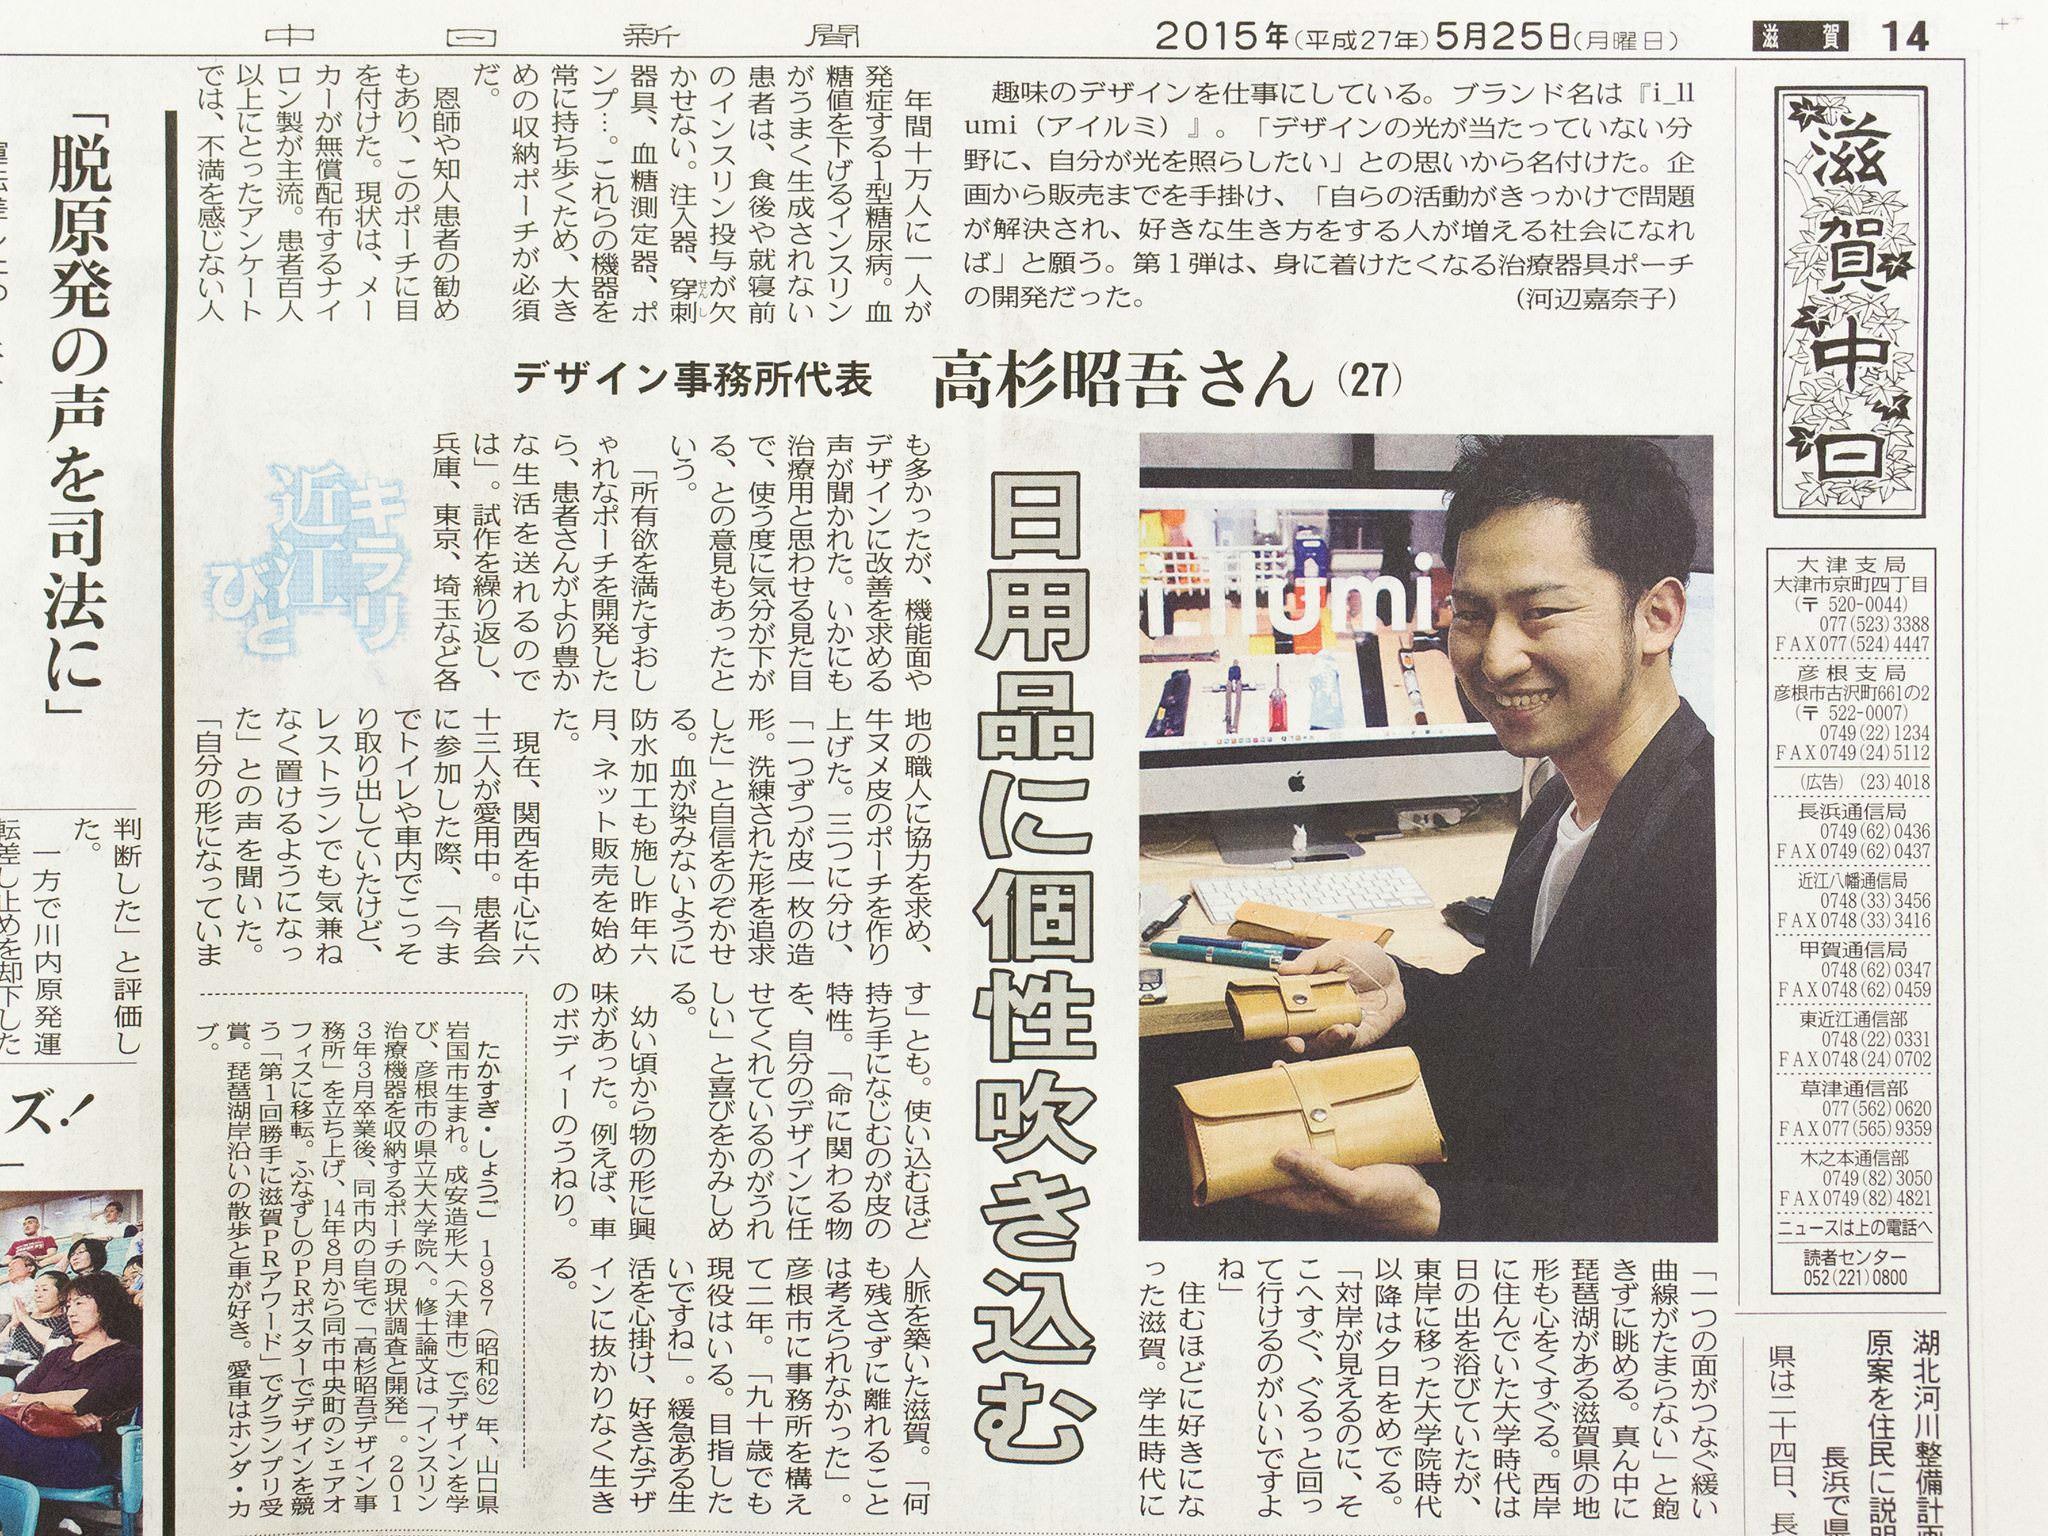 中日新聞で掲載されたi_llumiの記事